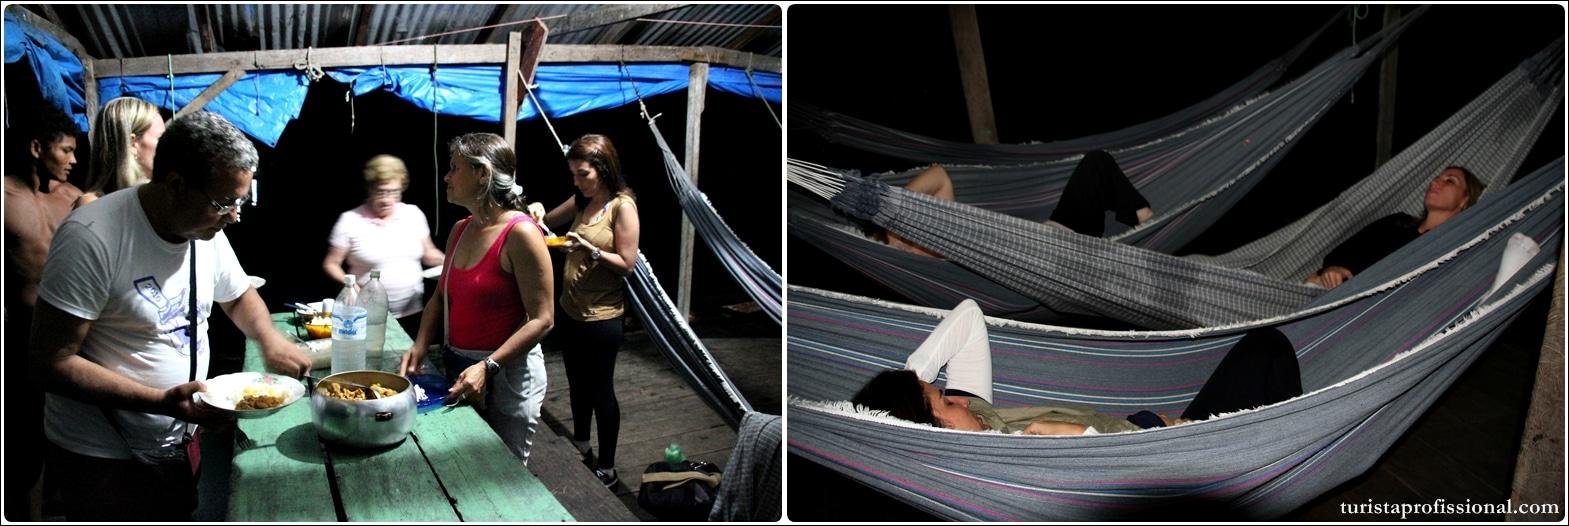 Selva Amazônica 4 - Turismo antropológico: dormir na casa de um ribeirinho em plena floresta amazônica